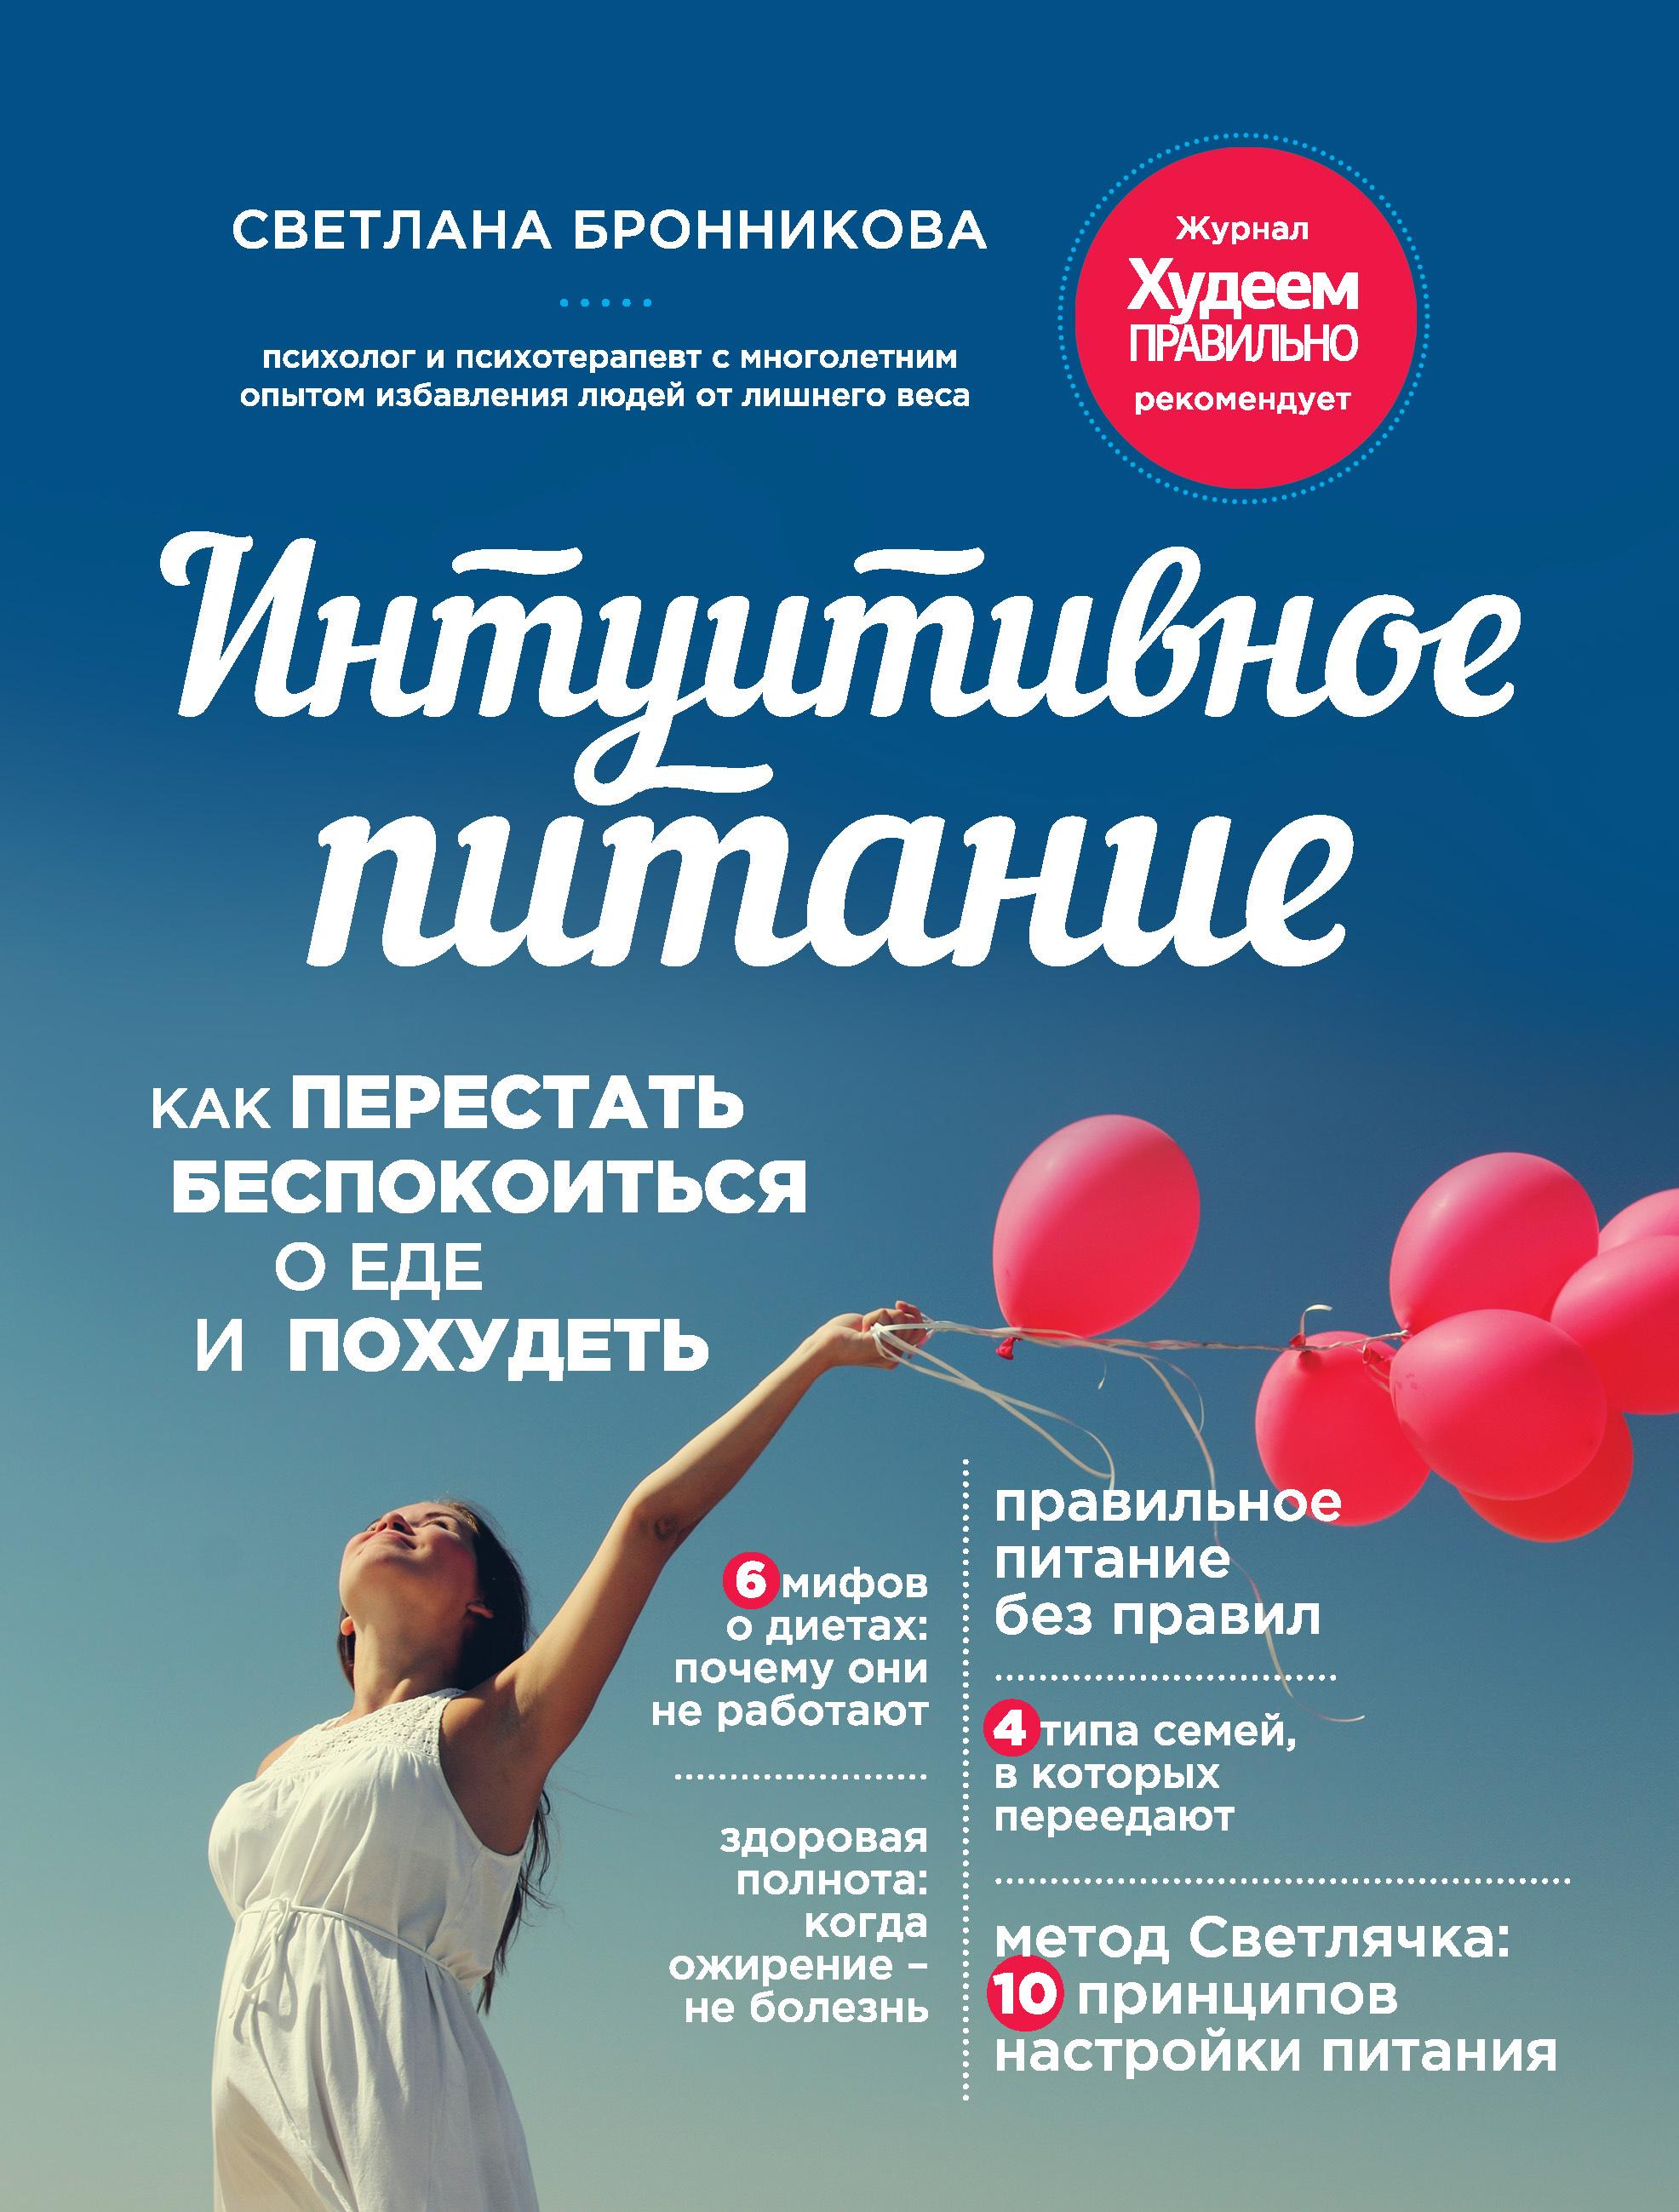 Светлана Бронникова - Интуитивное питание. Как перестать беспокоиться о еде и похудеть